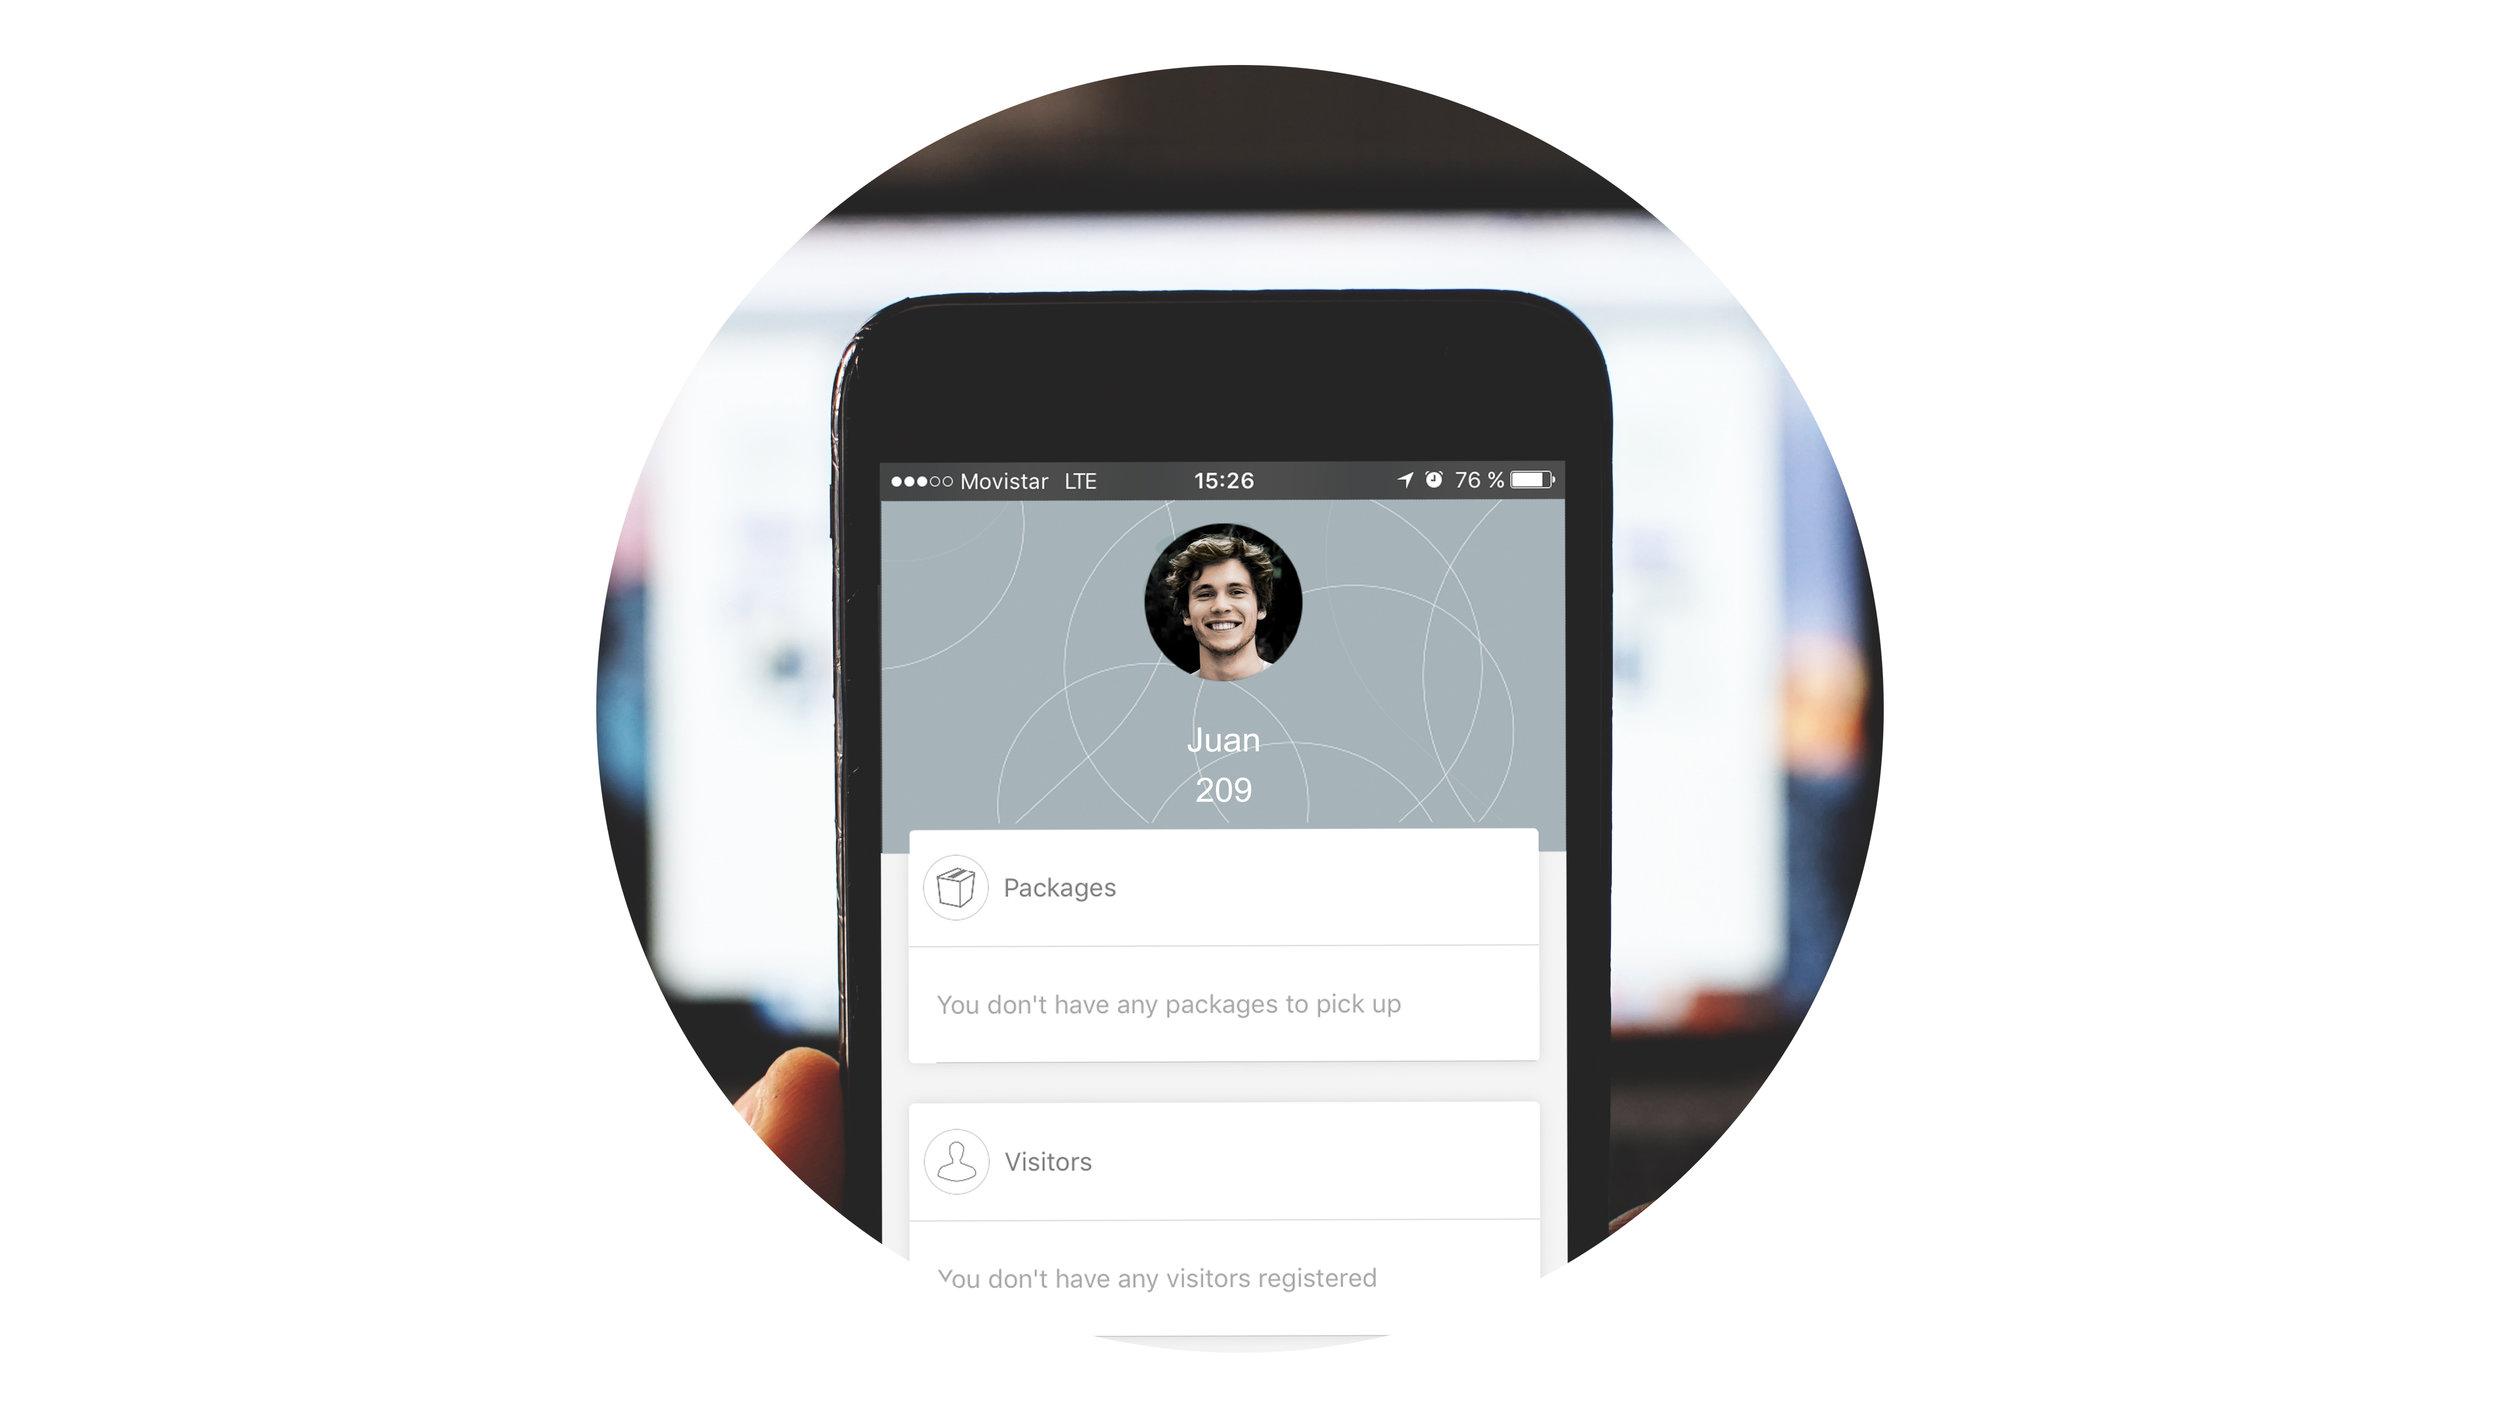 App exclusivo - Com o aplicativo exclusivo para os membros, você pode estar sempre conectado. Aqui você encontrará informações sobre eventos e atividades, conhecer os benefícios, fazer perguntas e autorizar a entrada de seus convidados ao prédio.